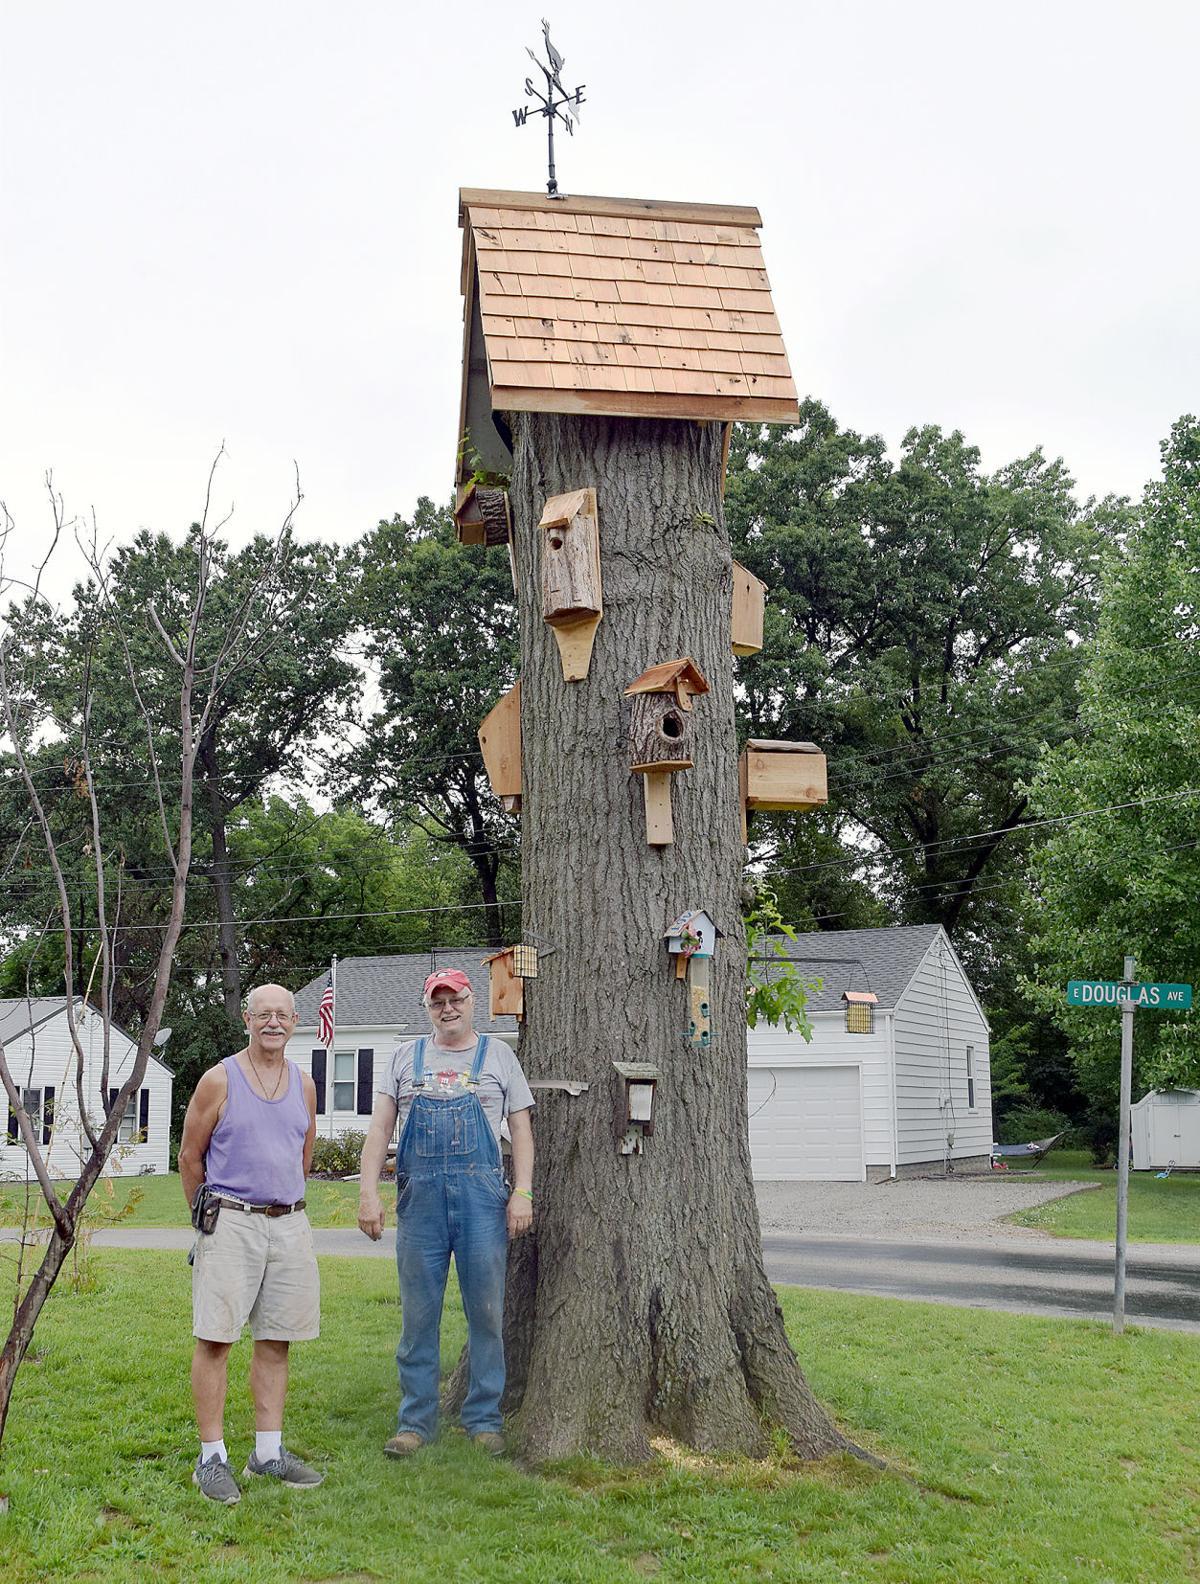 20200701-nws-birdhousespic2